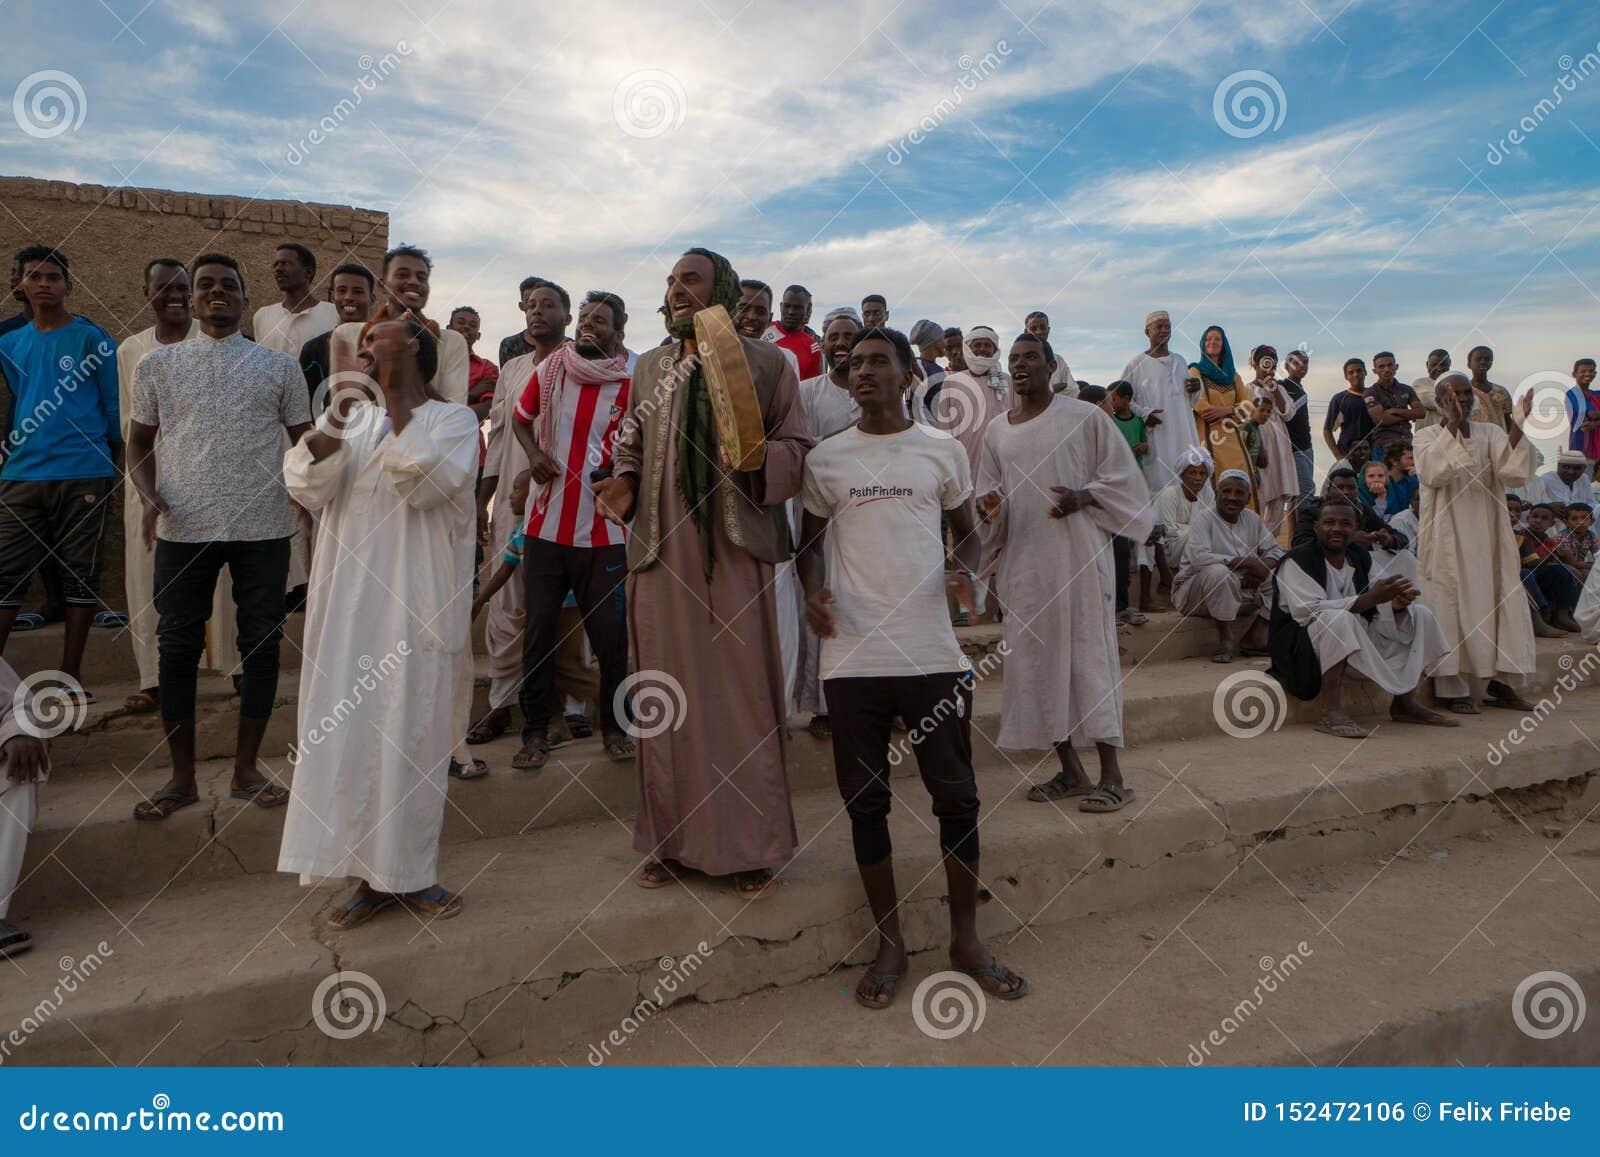 Multidão Cheering em um fósforo de futebol em Abri, Sudão - em novembro de 2018